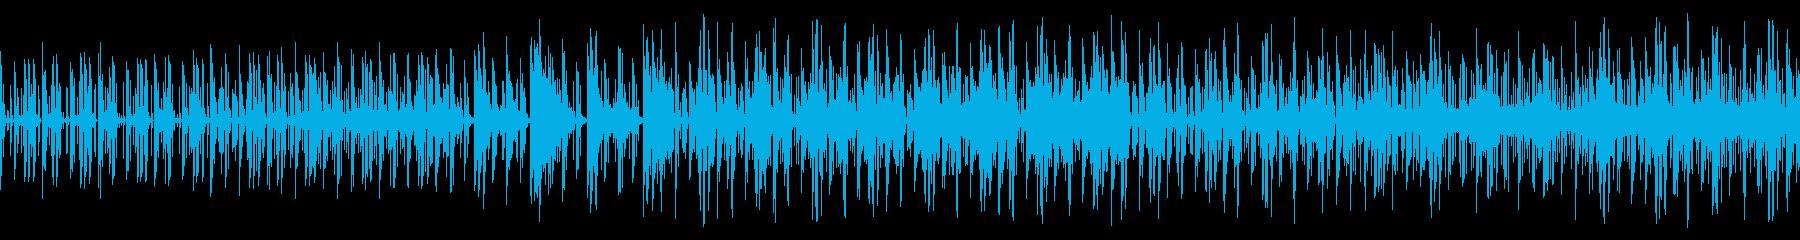 幻想的な電子音BGMの再生済みの波形